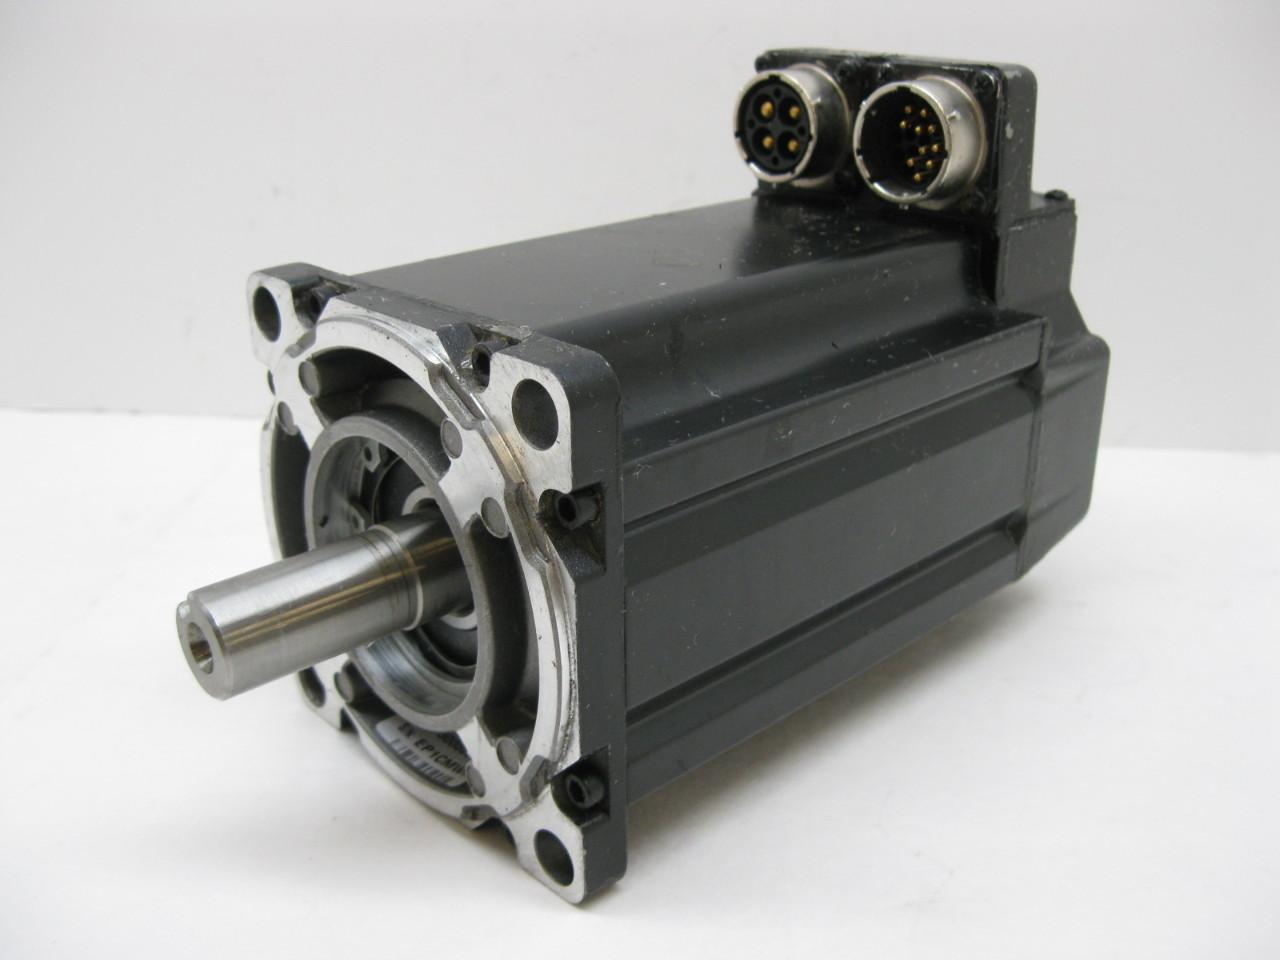 Allen Bradley Mpl B430p Sj22aa Servo Motor 2 4 Kw Series A